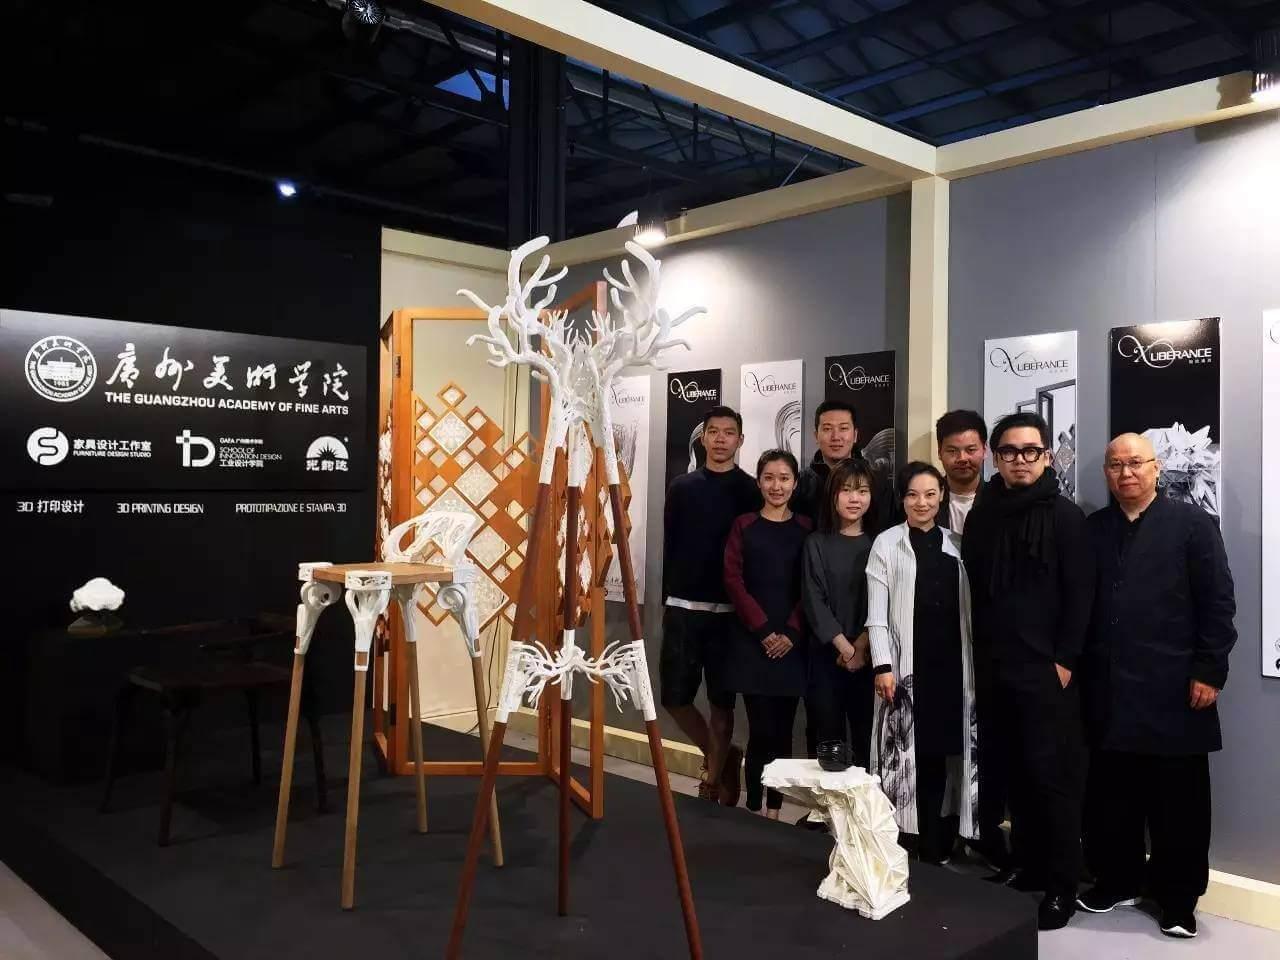 Die Studenten der Guangzhou Academy of Fine Arts präsentieren ihre Möbelstücke aus dem 3D-Drucker (Bild © wzaobao.com).